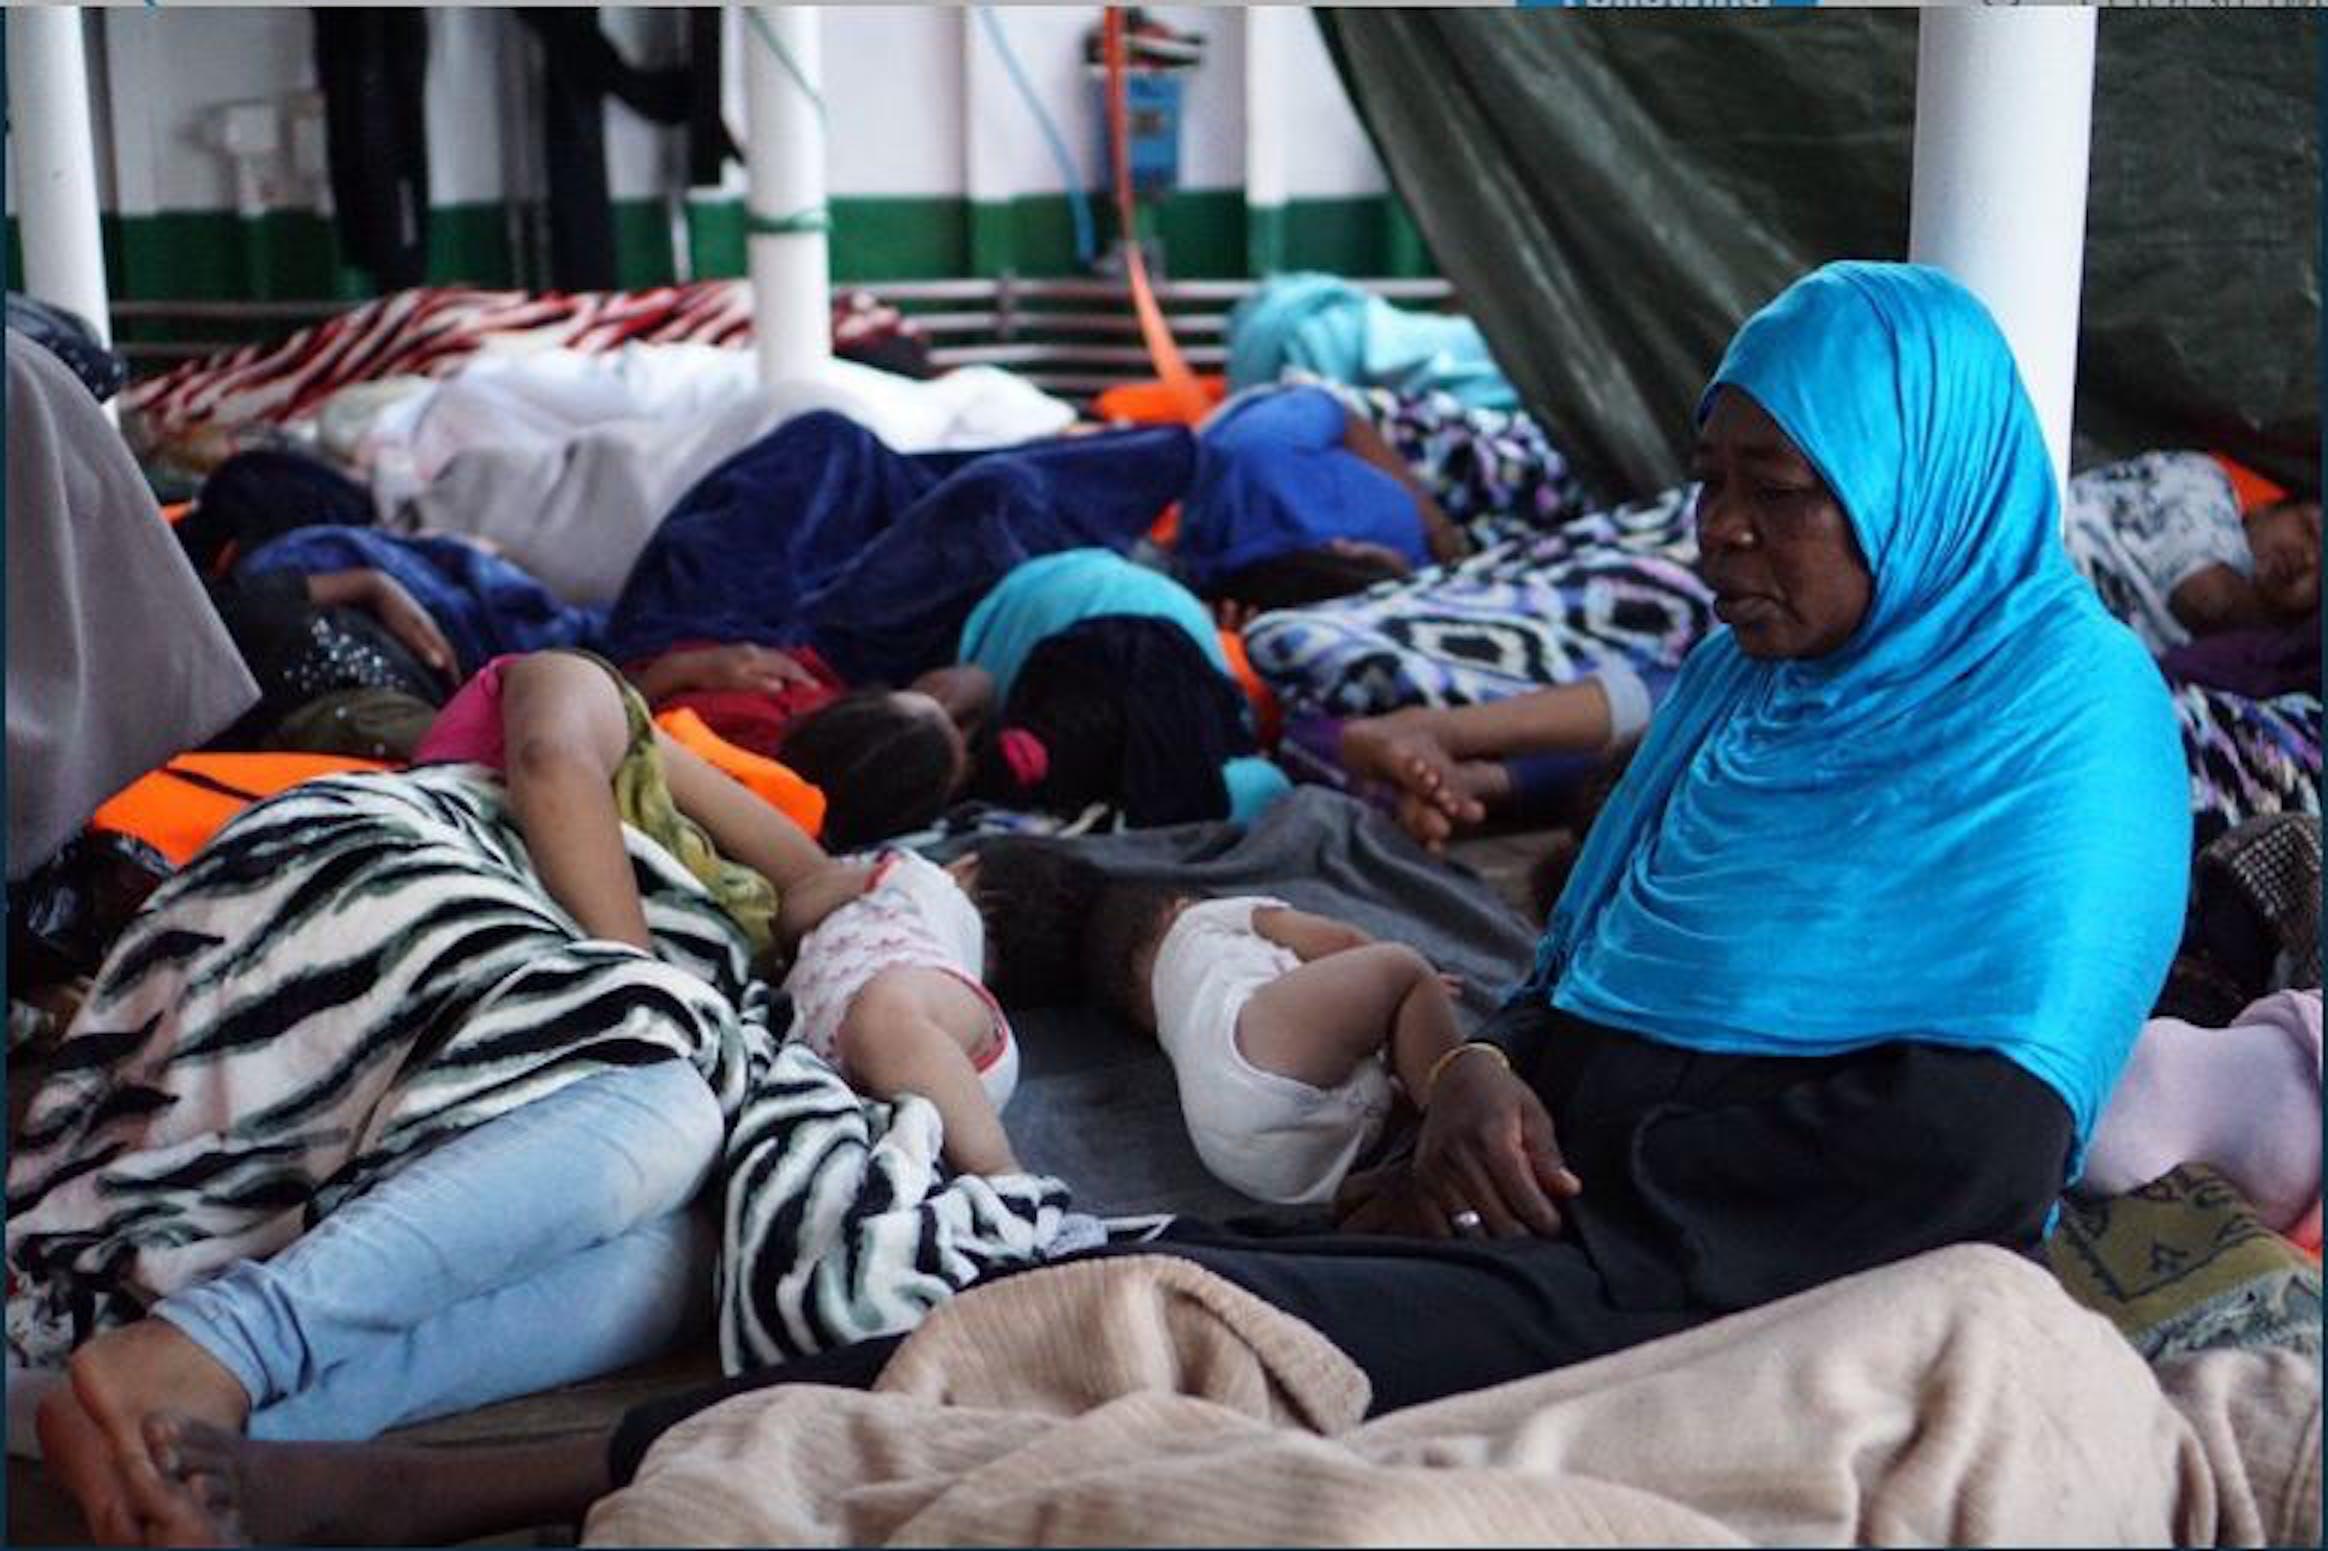 Alcuni dei bambini salvati nei giorni scorsi dalla nave